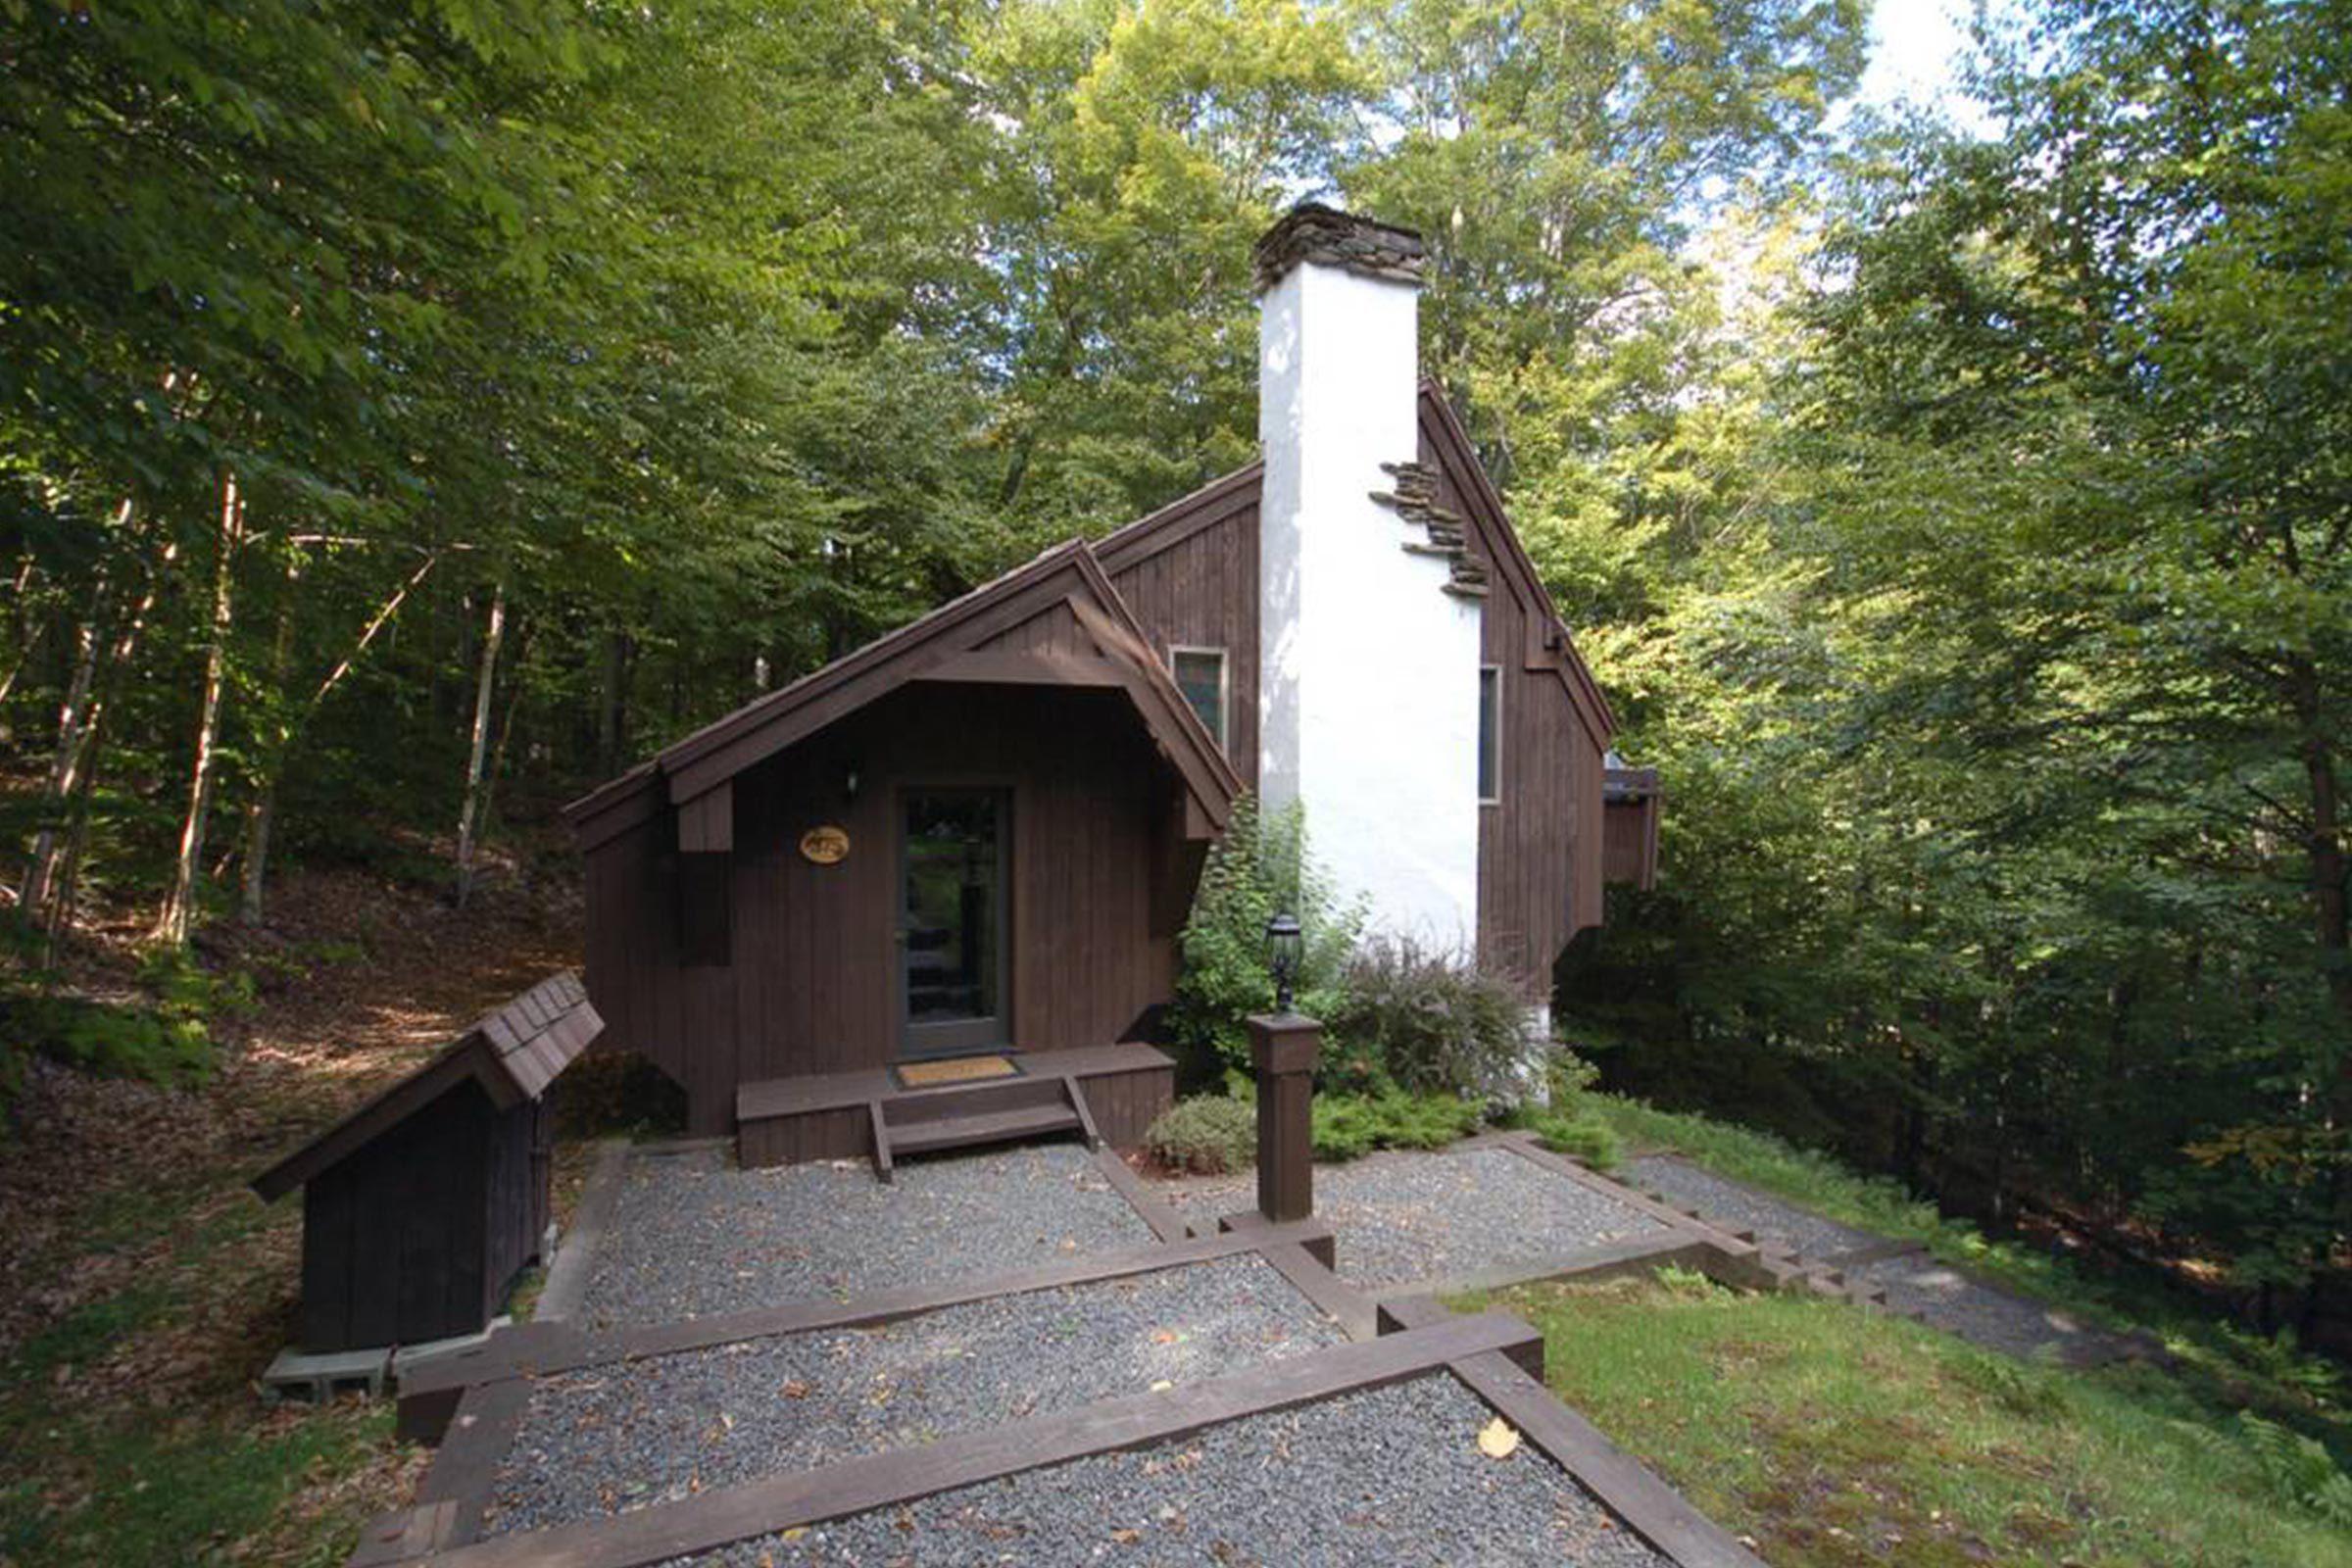 Vermont airbnb